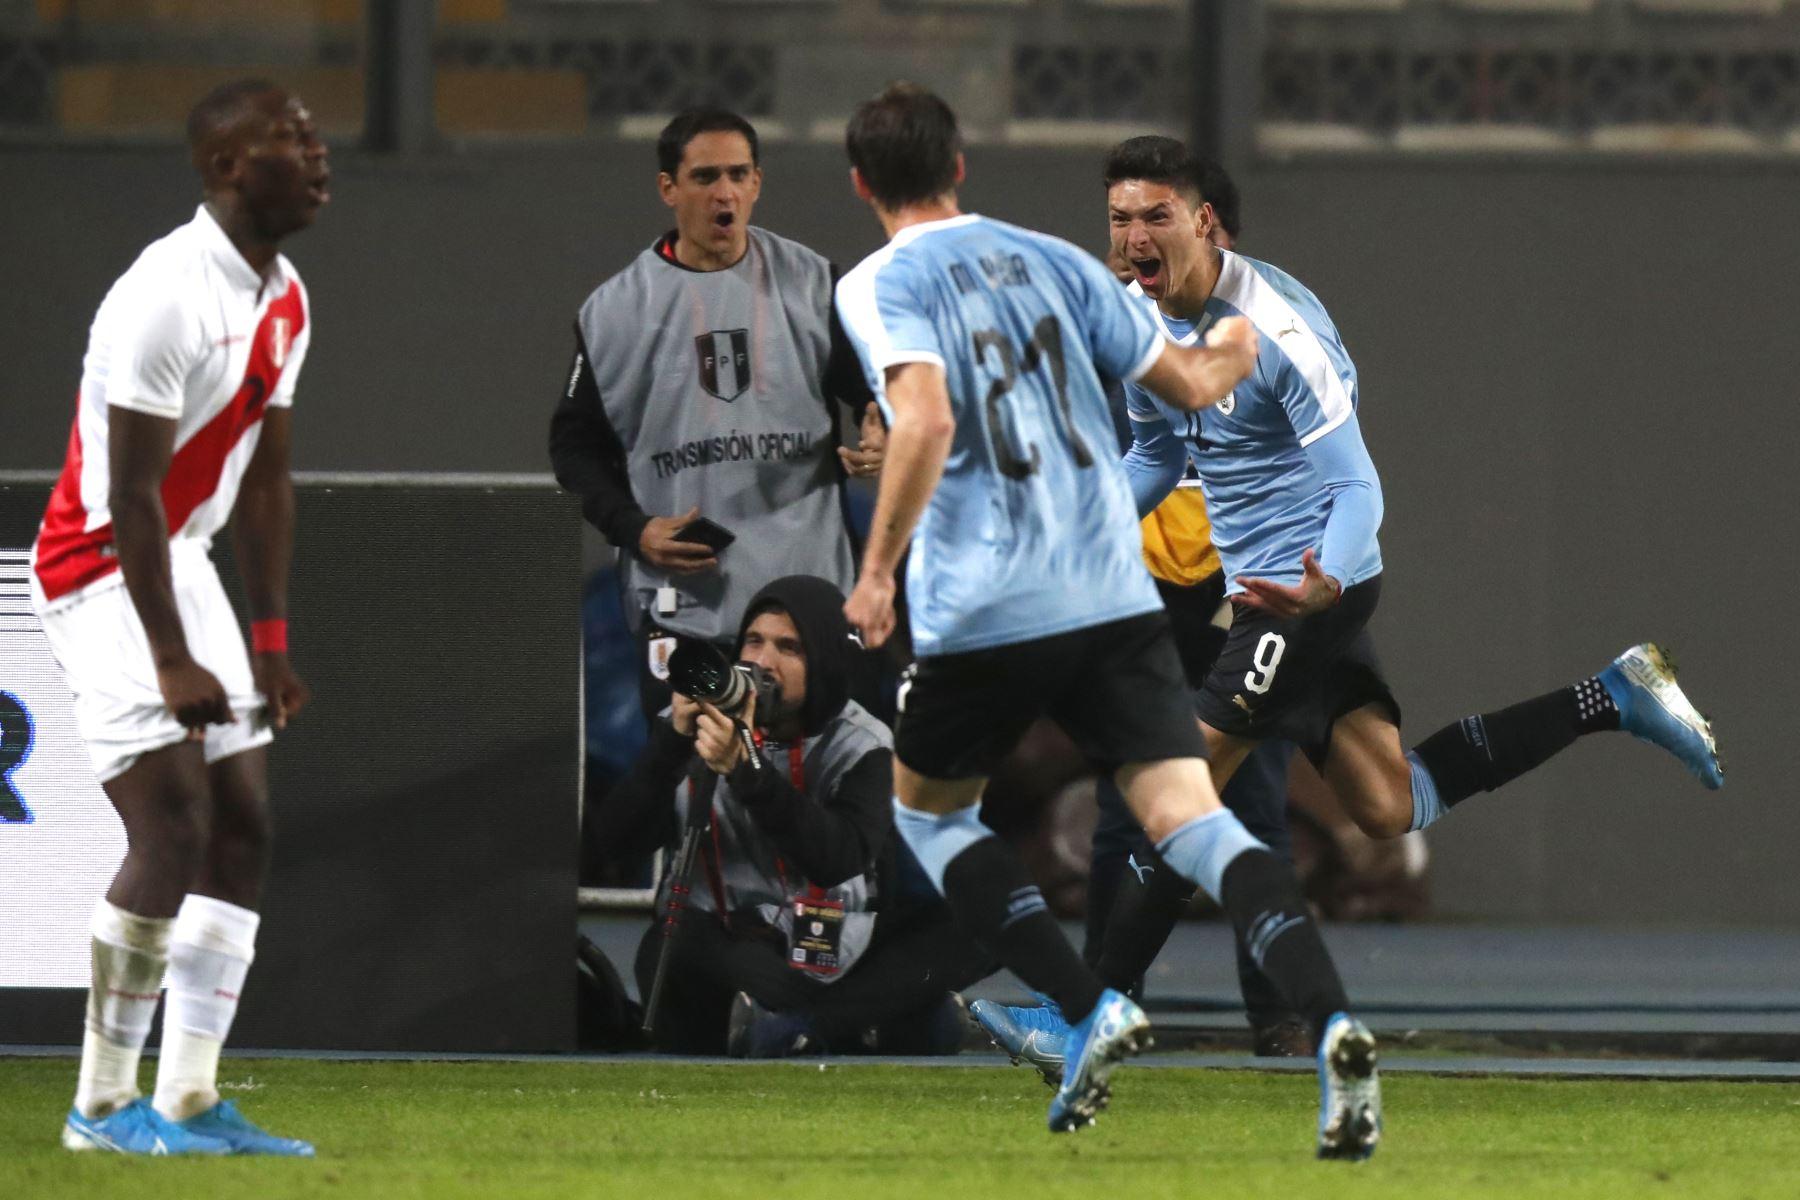 Darwin Núñez de Uruguay celebra el gol del empate  en el partido amistoso jugado esta noche en el estadio Nacional de Lima.Foto:ANDINA/ Carlos Lezama